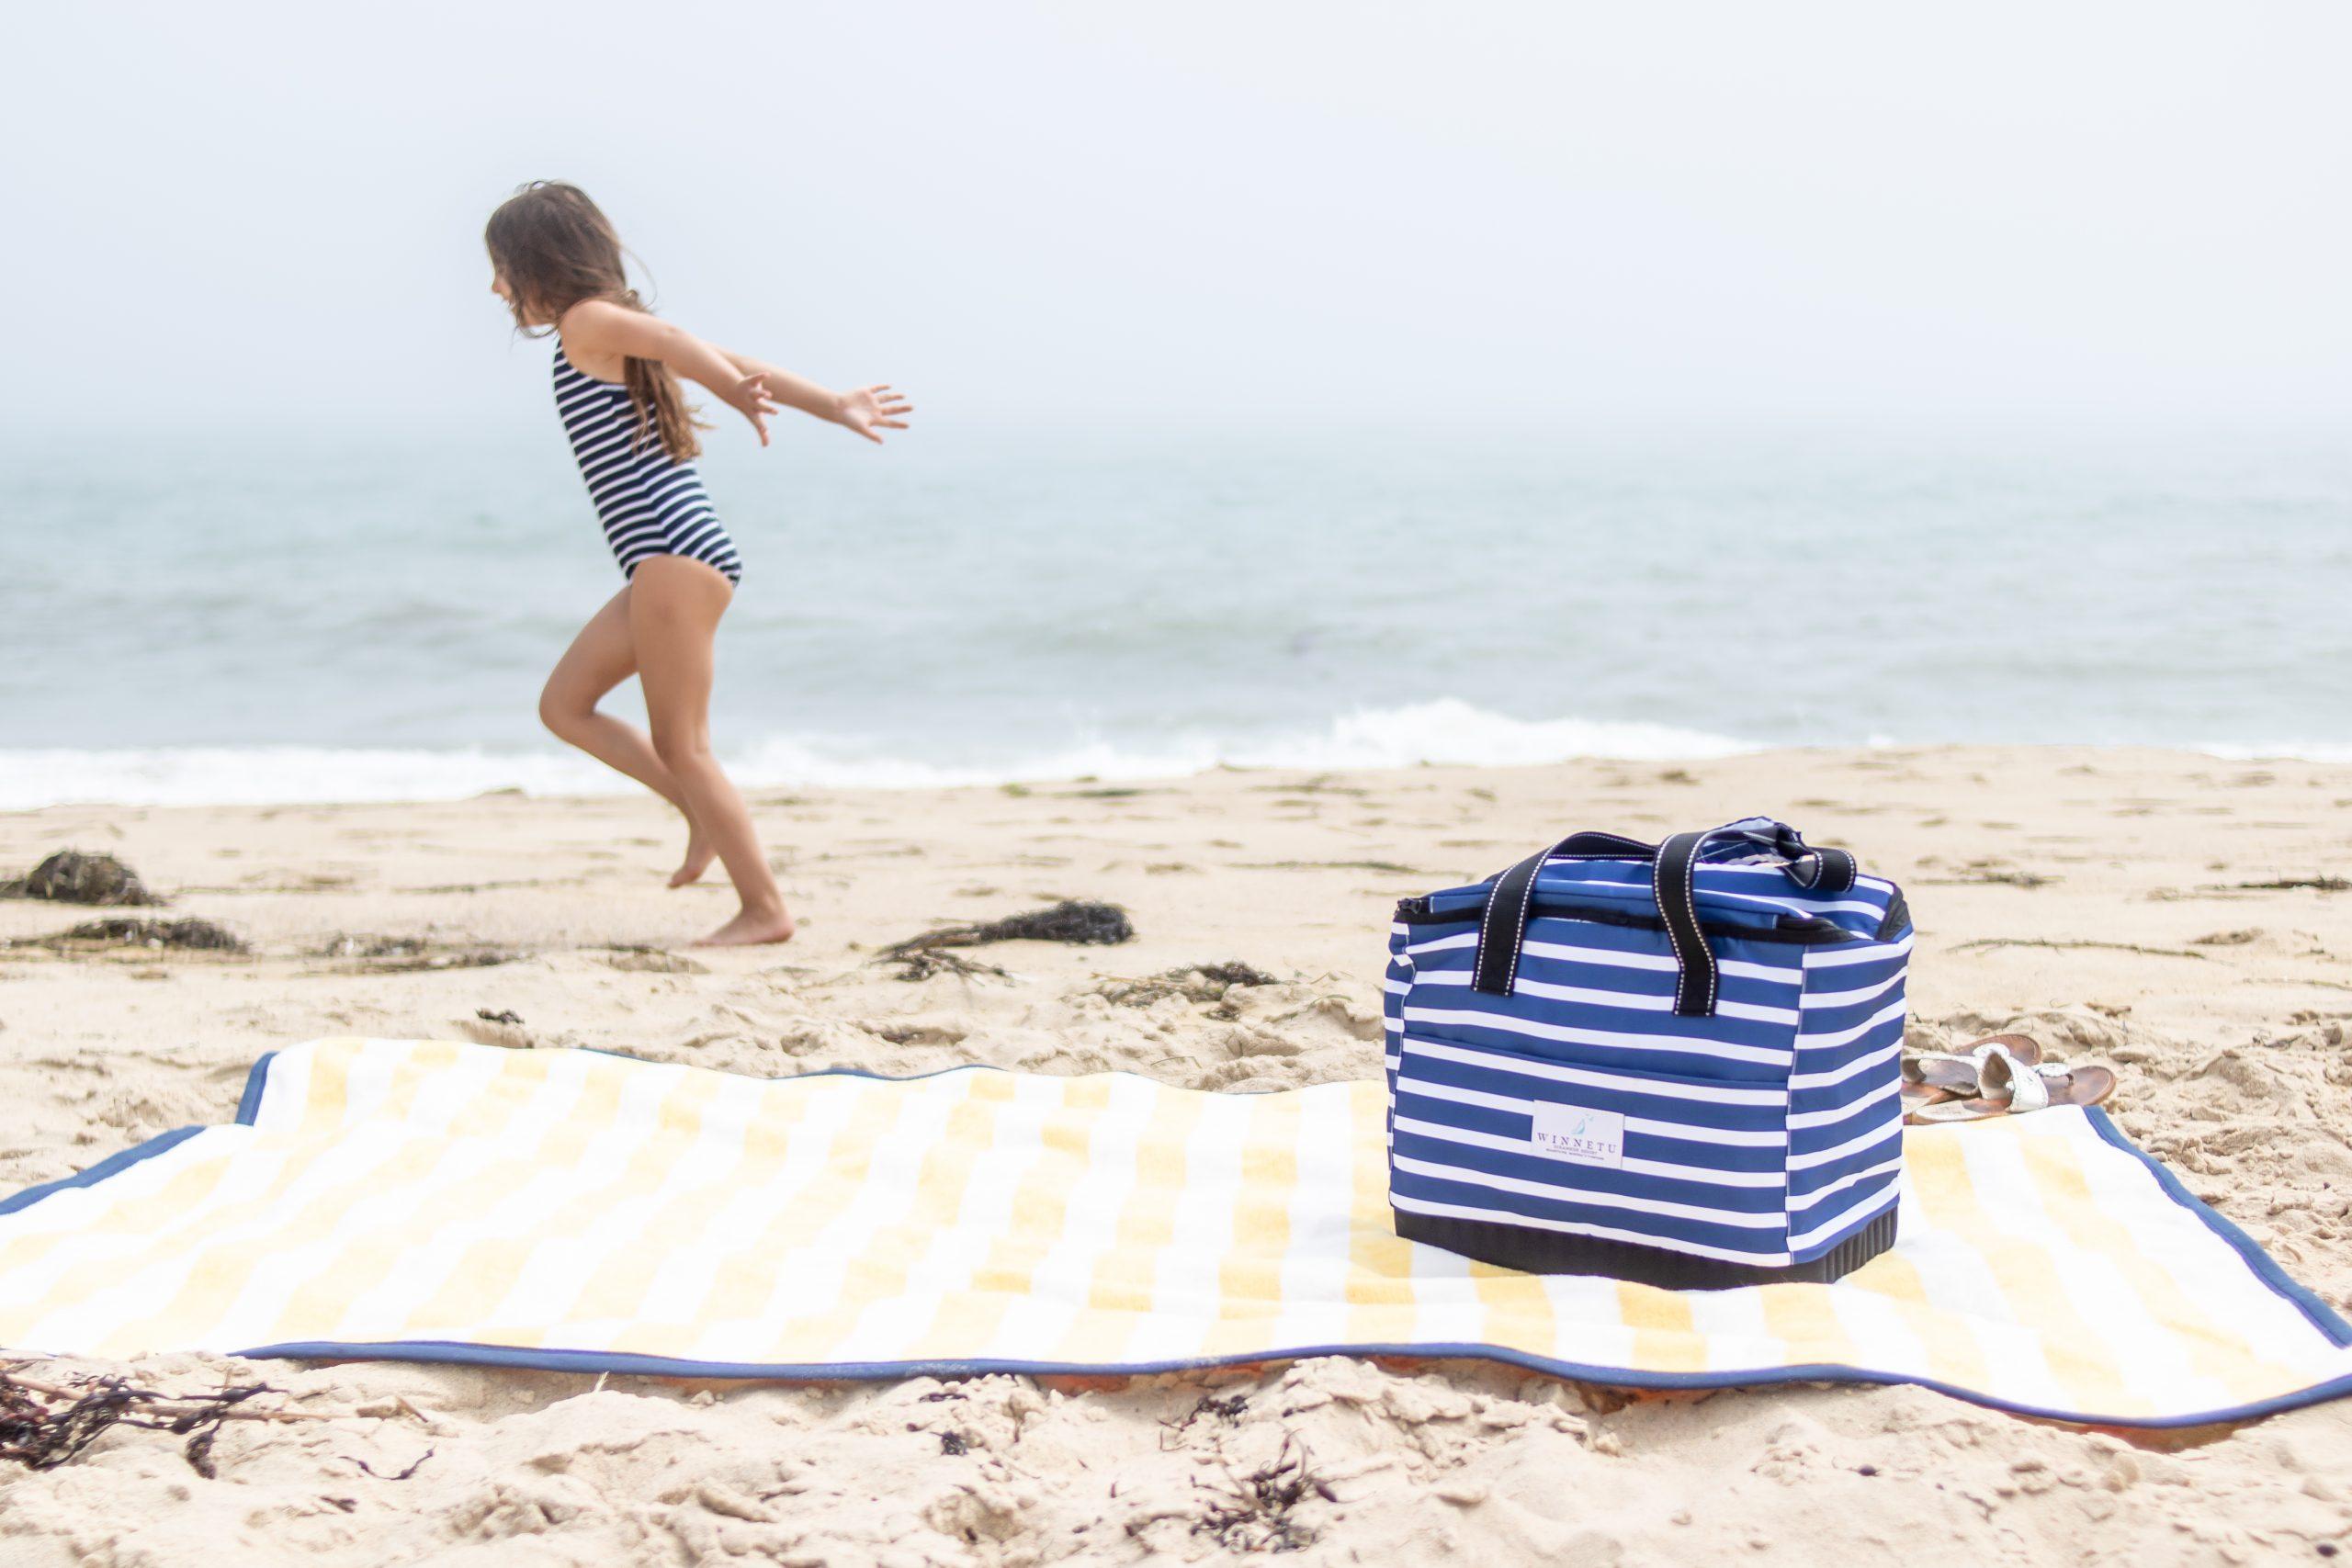 little girl running across beach in front of blanket with cooler winnetu